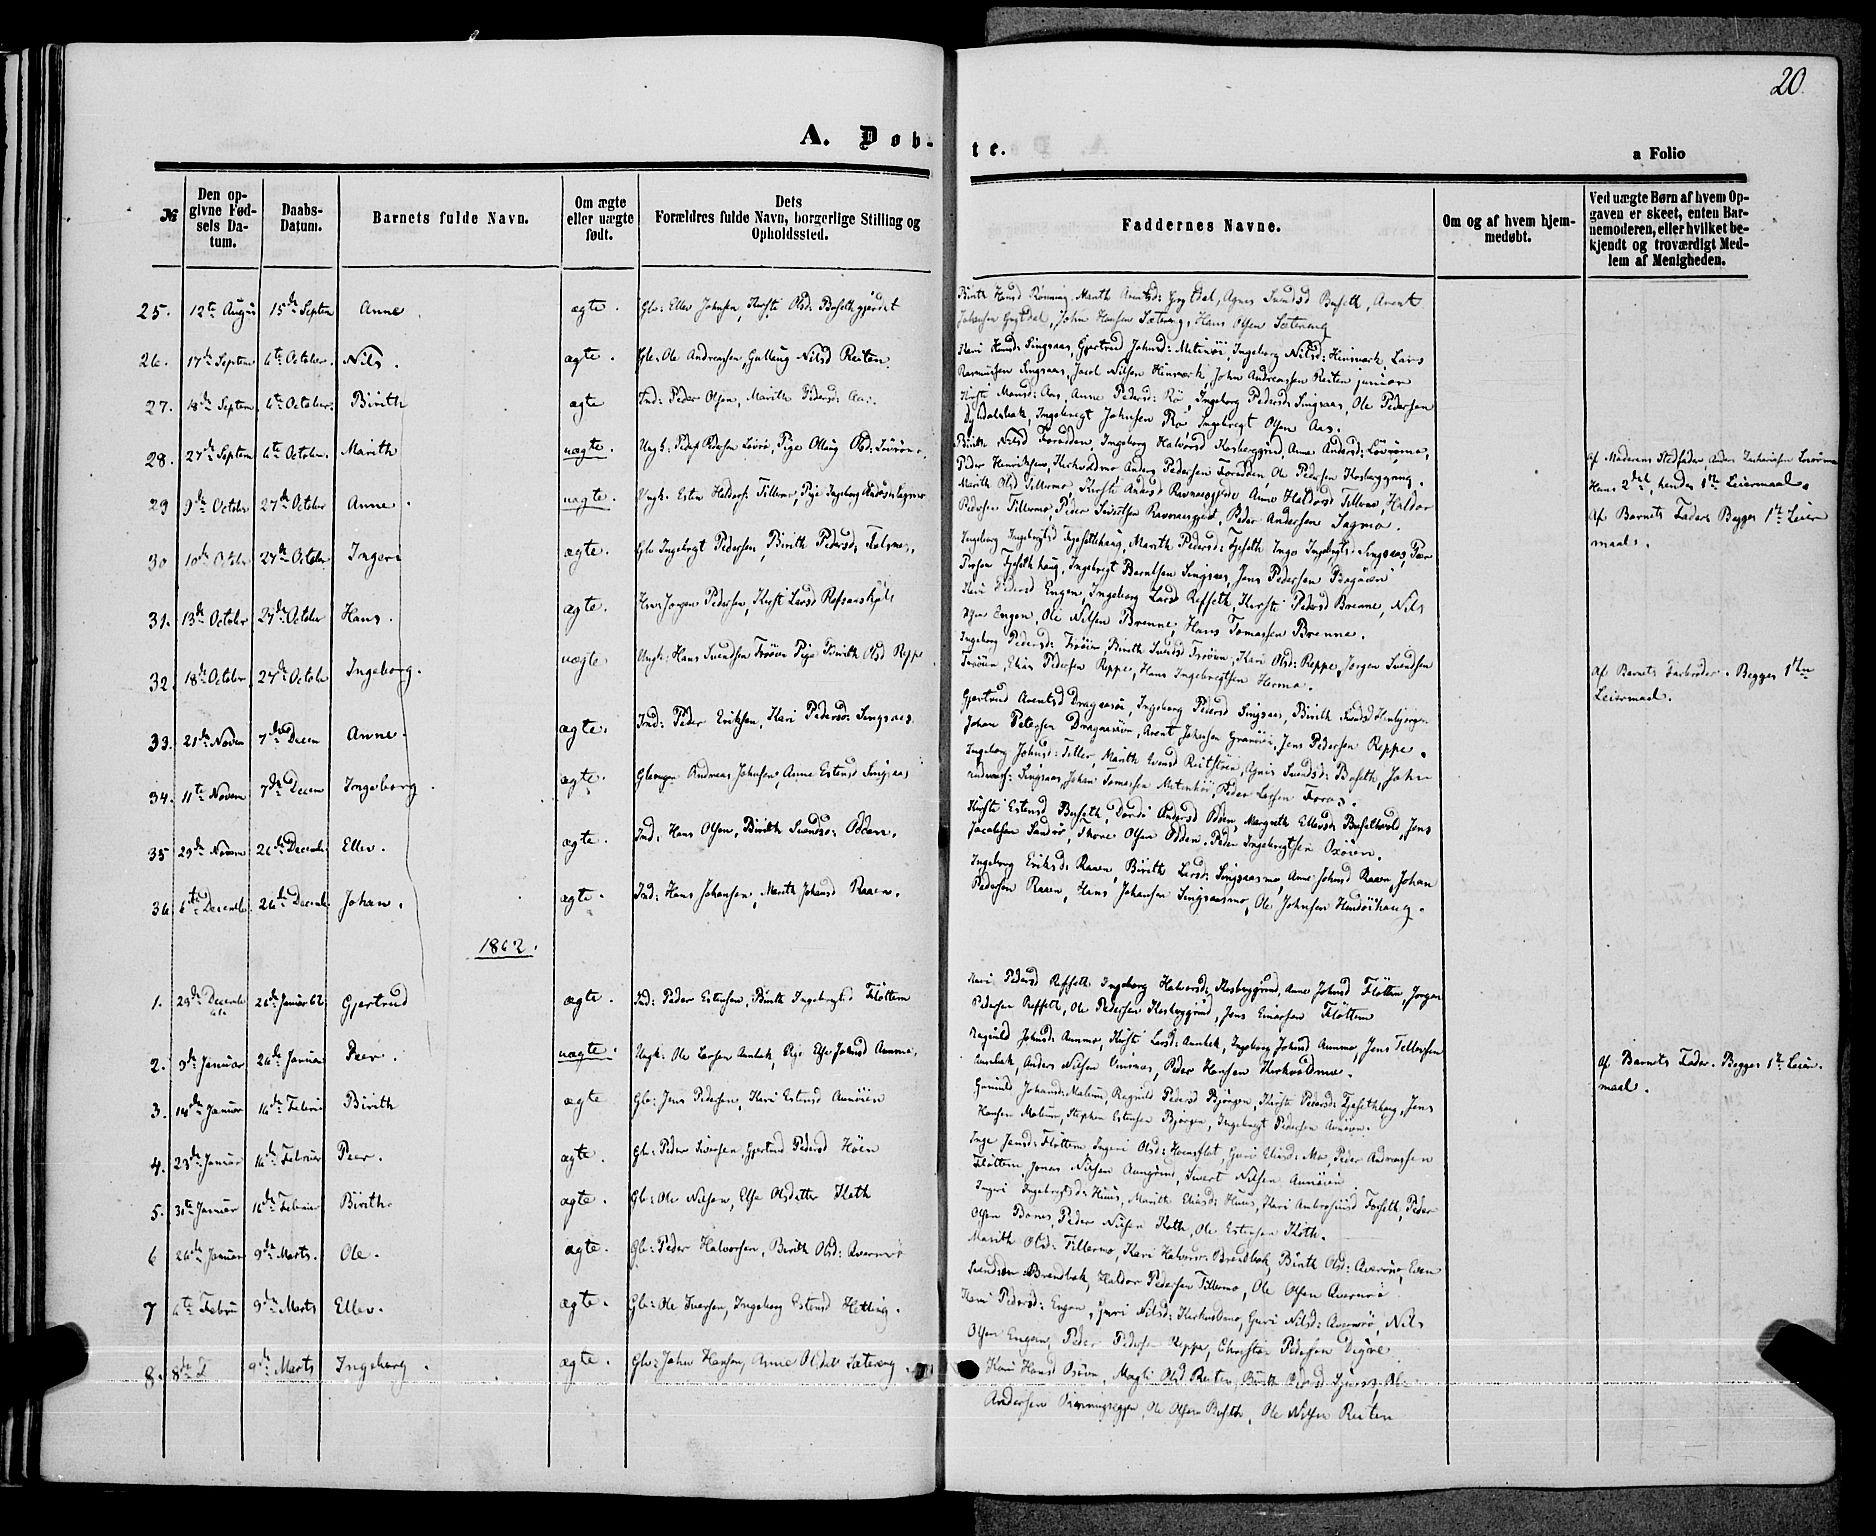 SAT, Ministerialprotokoller, klokkerbøker og fødselsregistre - Sør-Trøndelag, 685/L0967: Ministerialbok nr. 685A07 /2, 1860-1869, s. 20